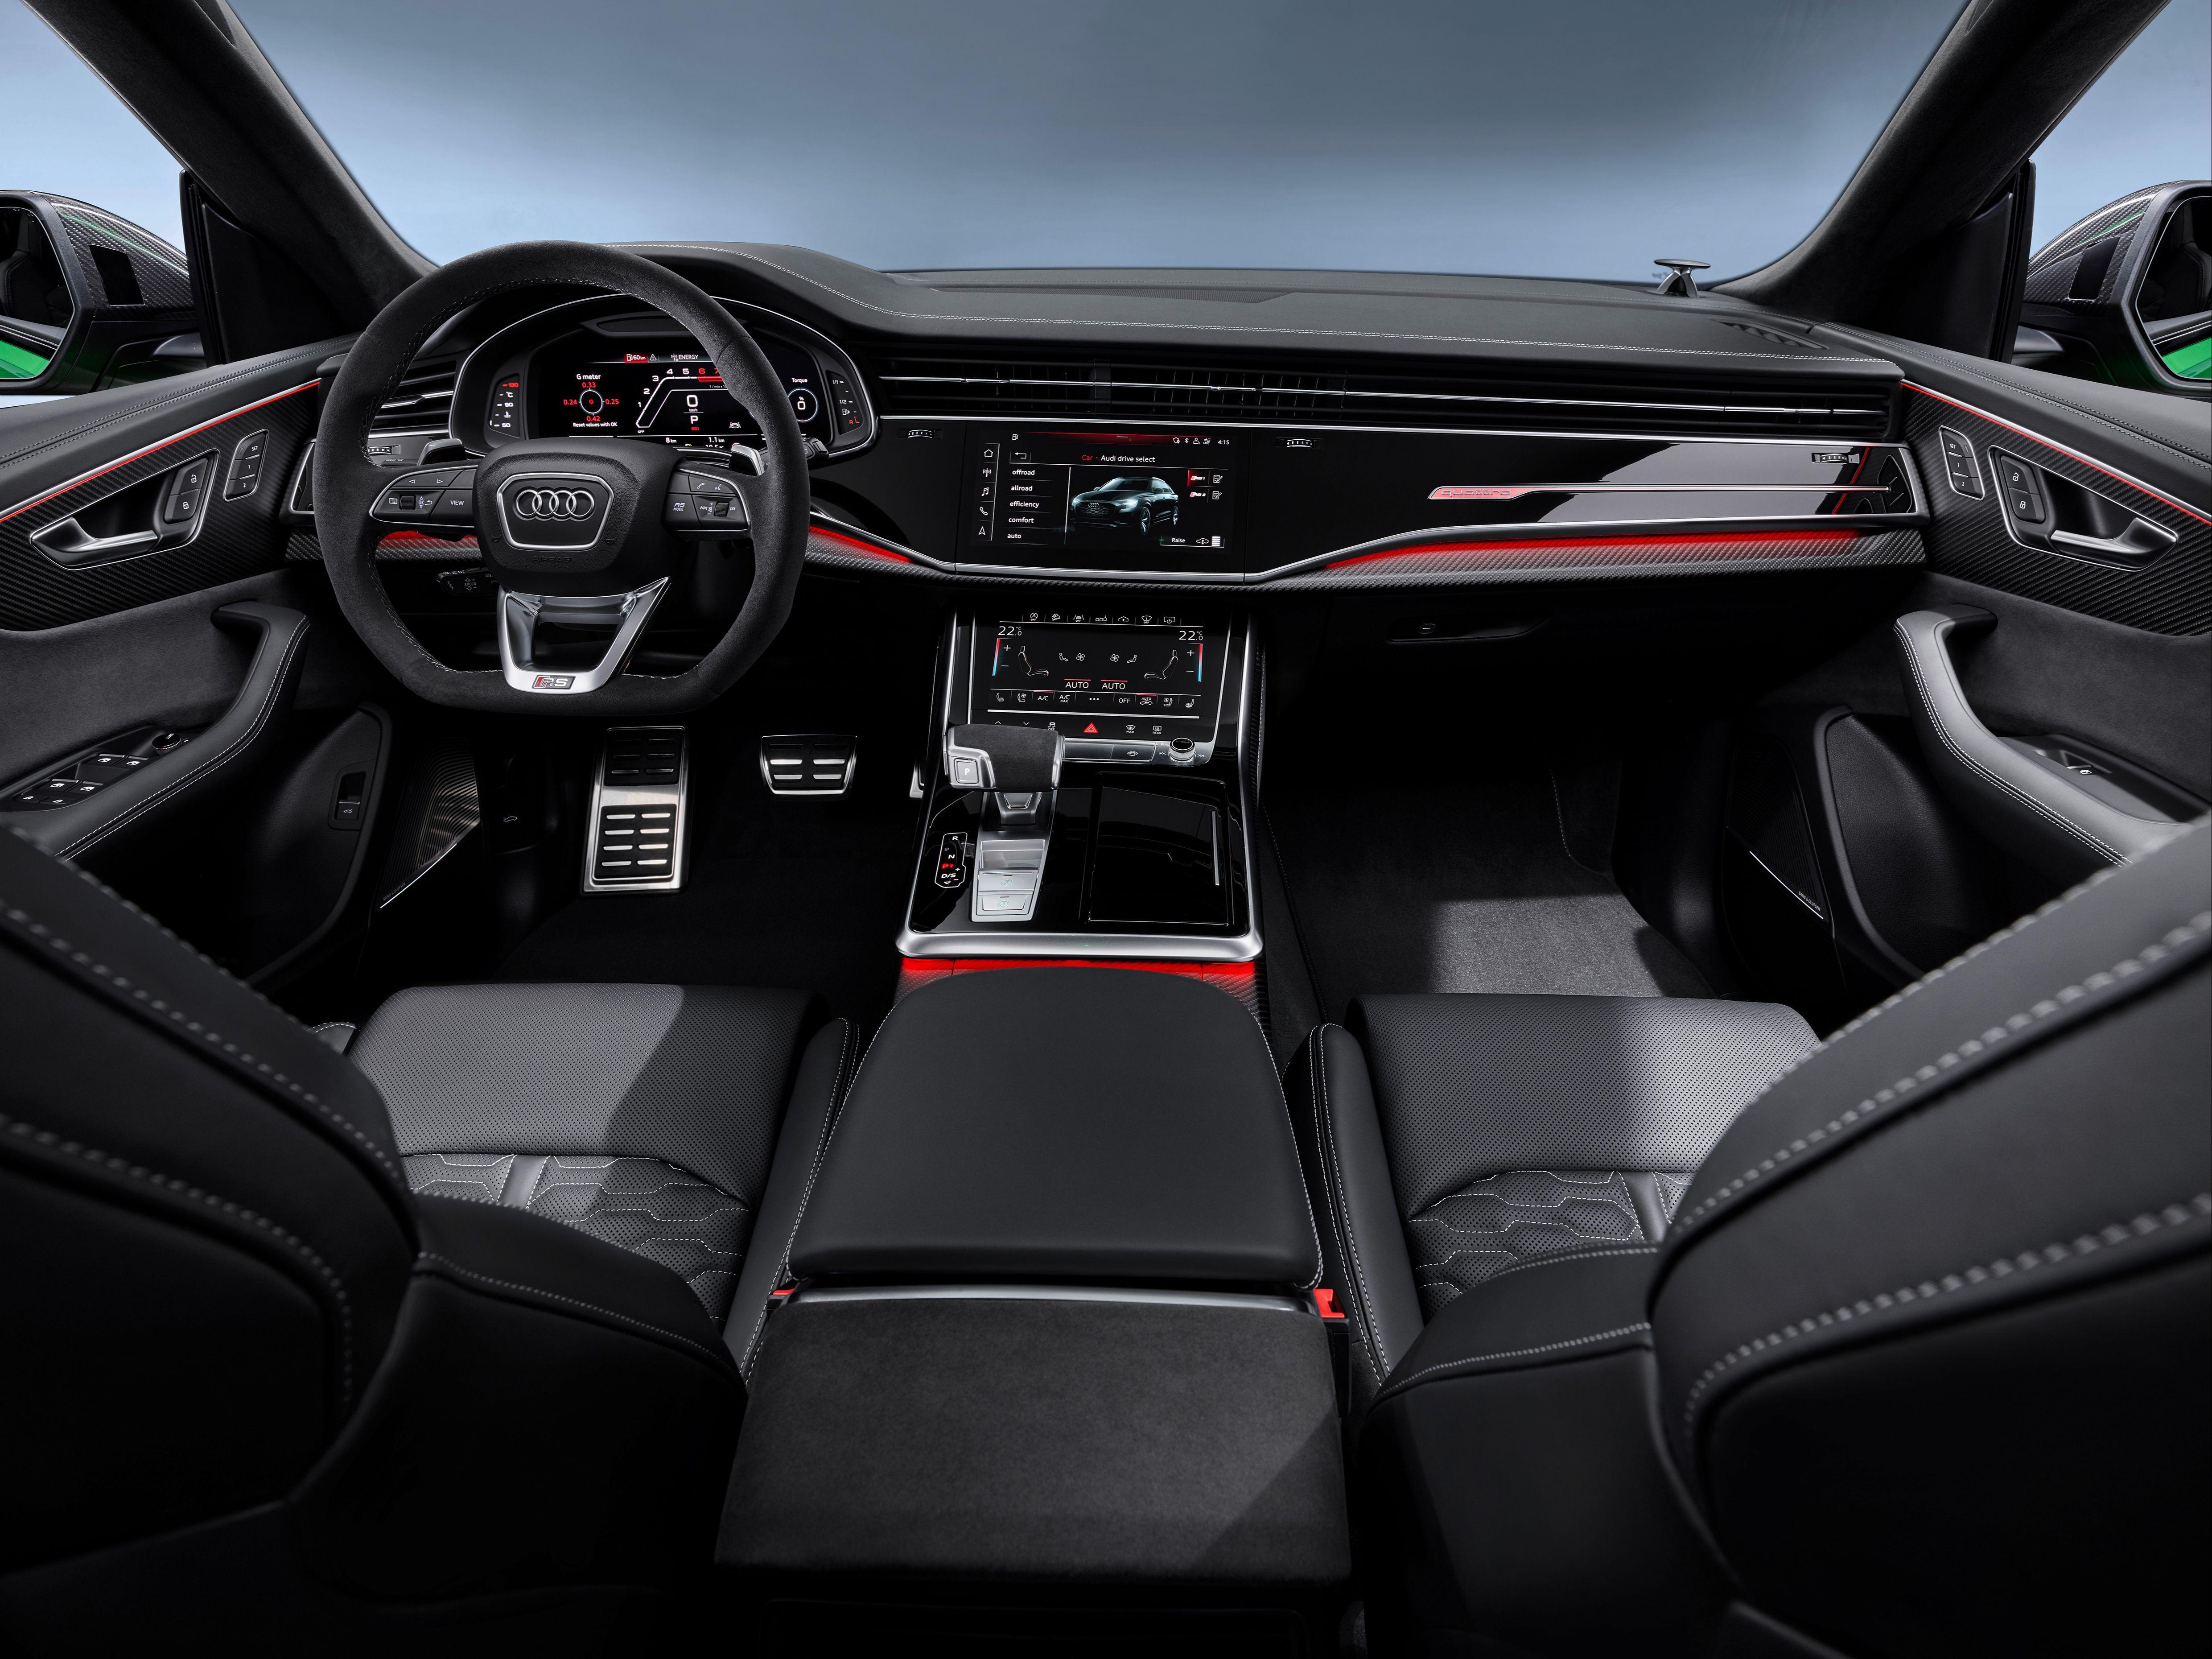 Interior of the Audi RSQ8 SUV